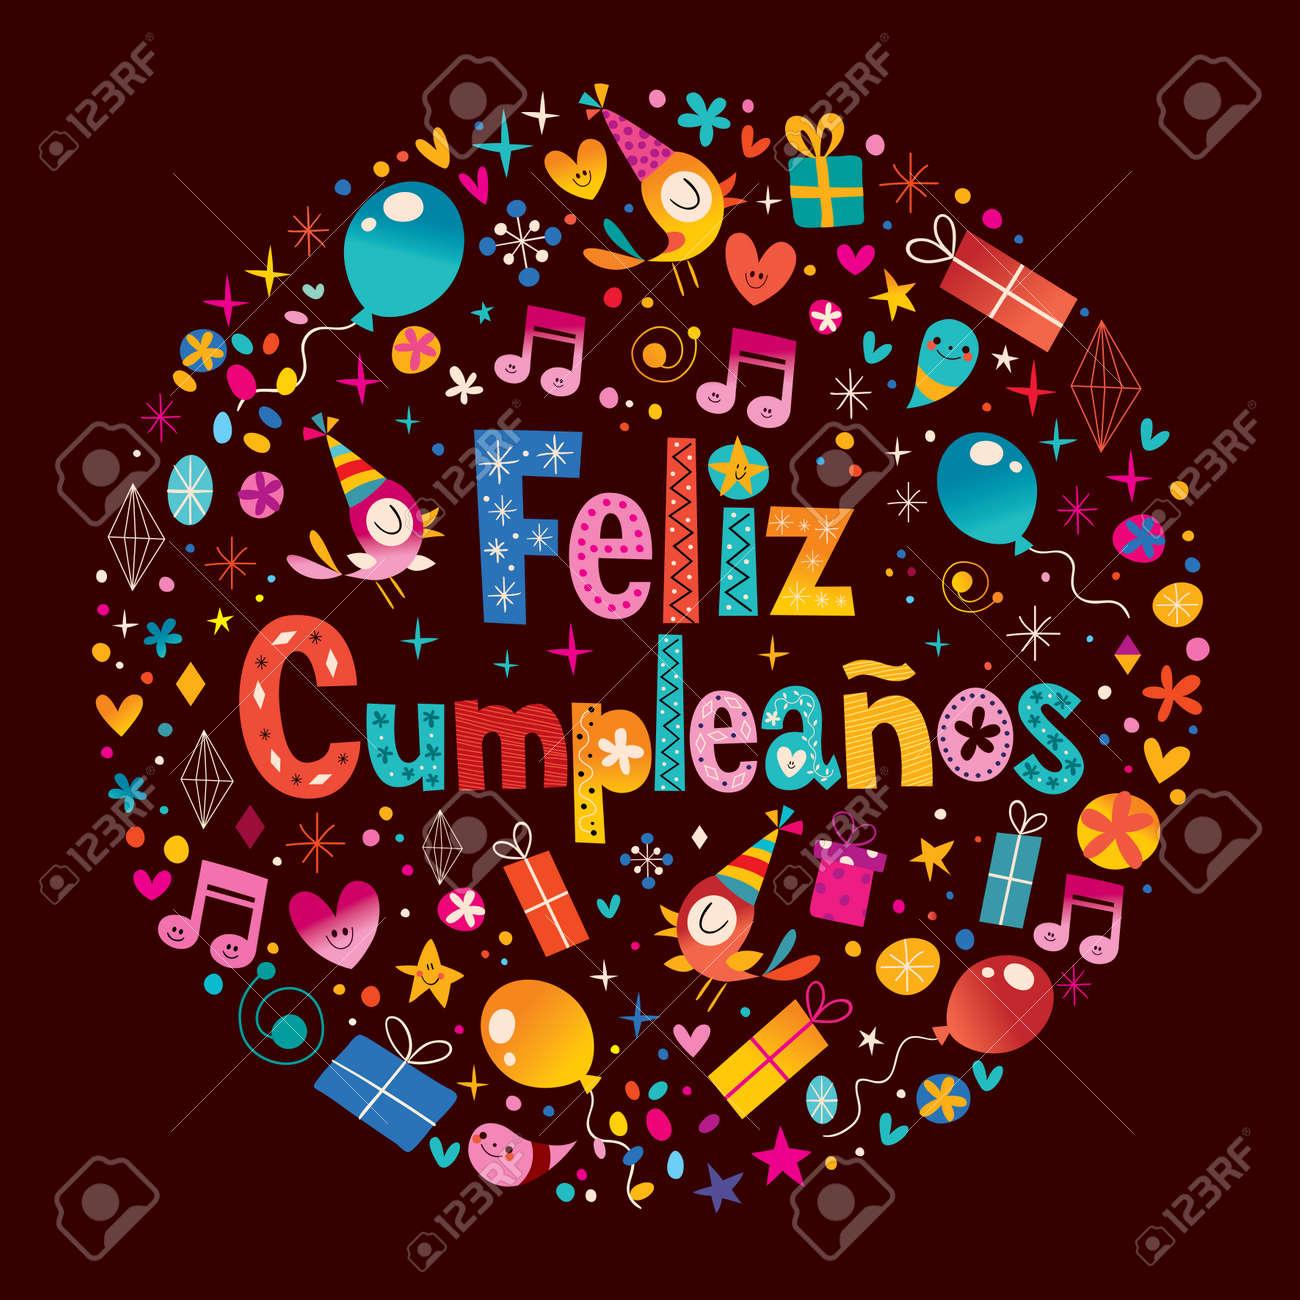 Feliz Cumpleanos Joyeux Anniversaire En Espagnol Carte De Voeux Avec Cercle Composition Clip Art Libres De Droits Vecteurs Et Illustration Image 54725379